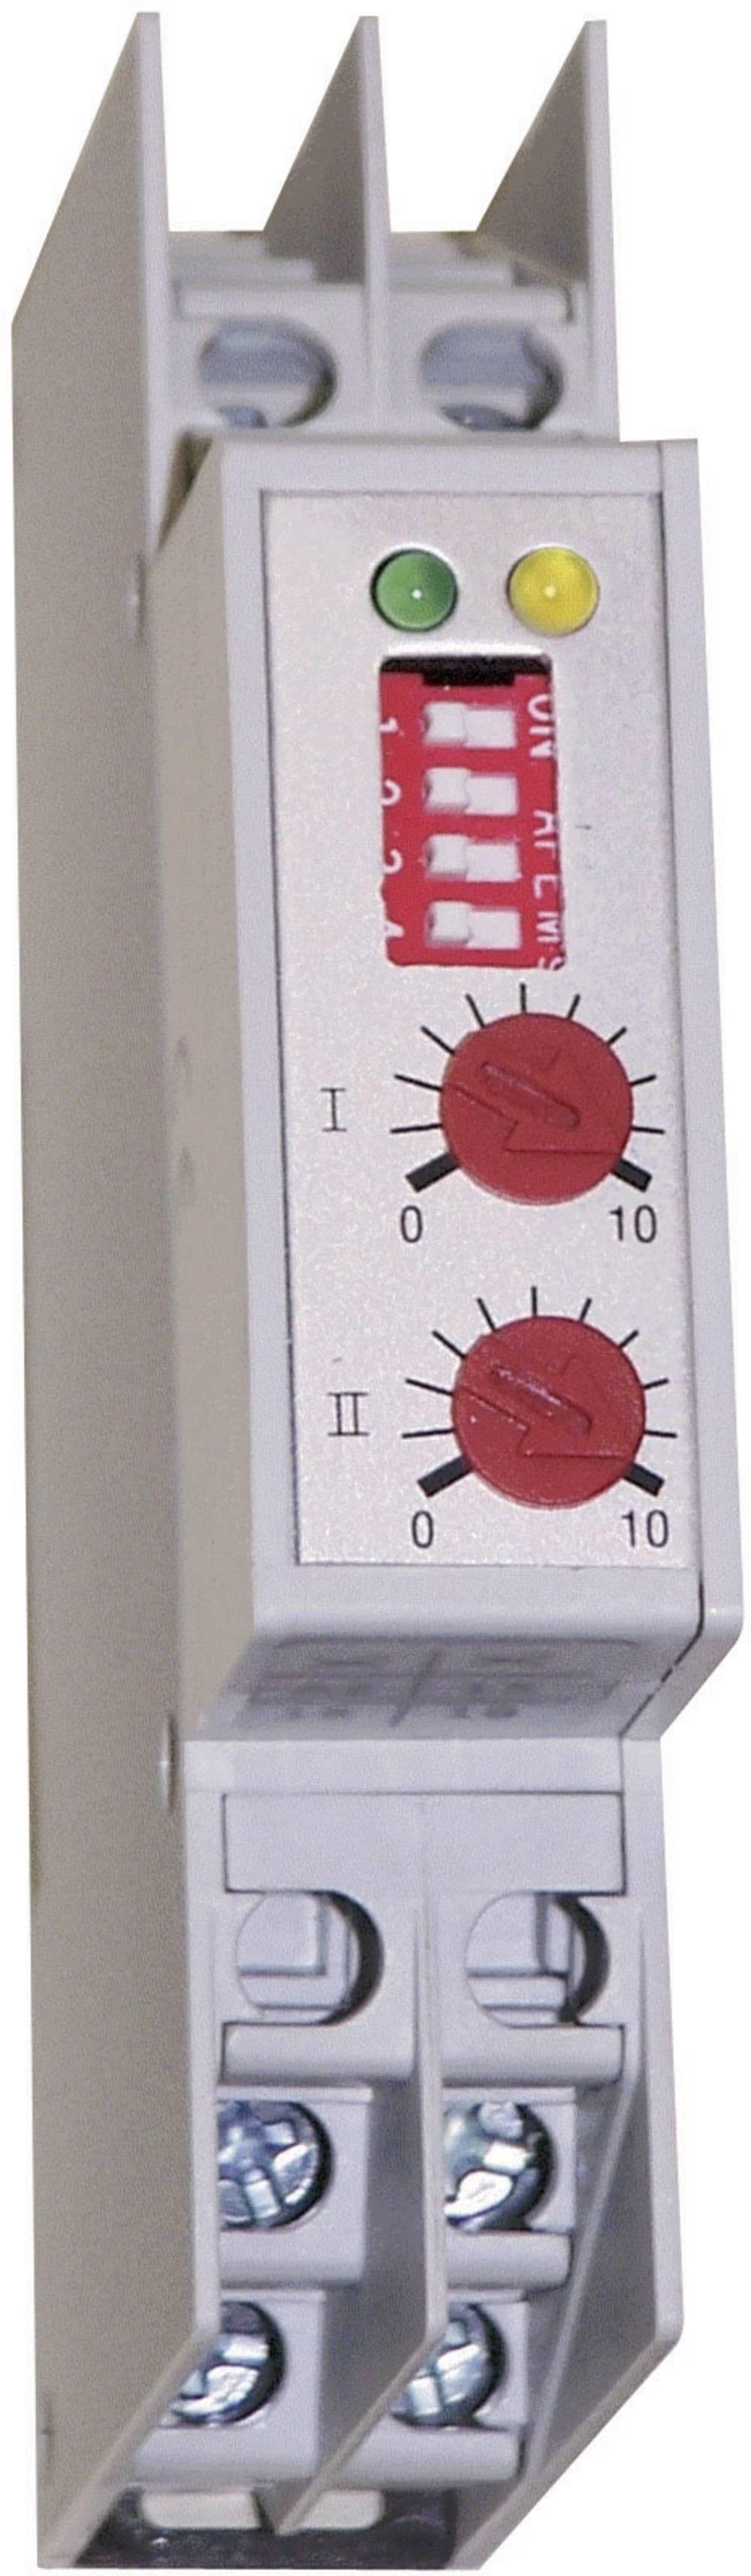 Vremenski relej z dajalnikom impulzov ZTG1, 8A, 1x preklopnik HSB Industrieelektronik ZTG1 011172